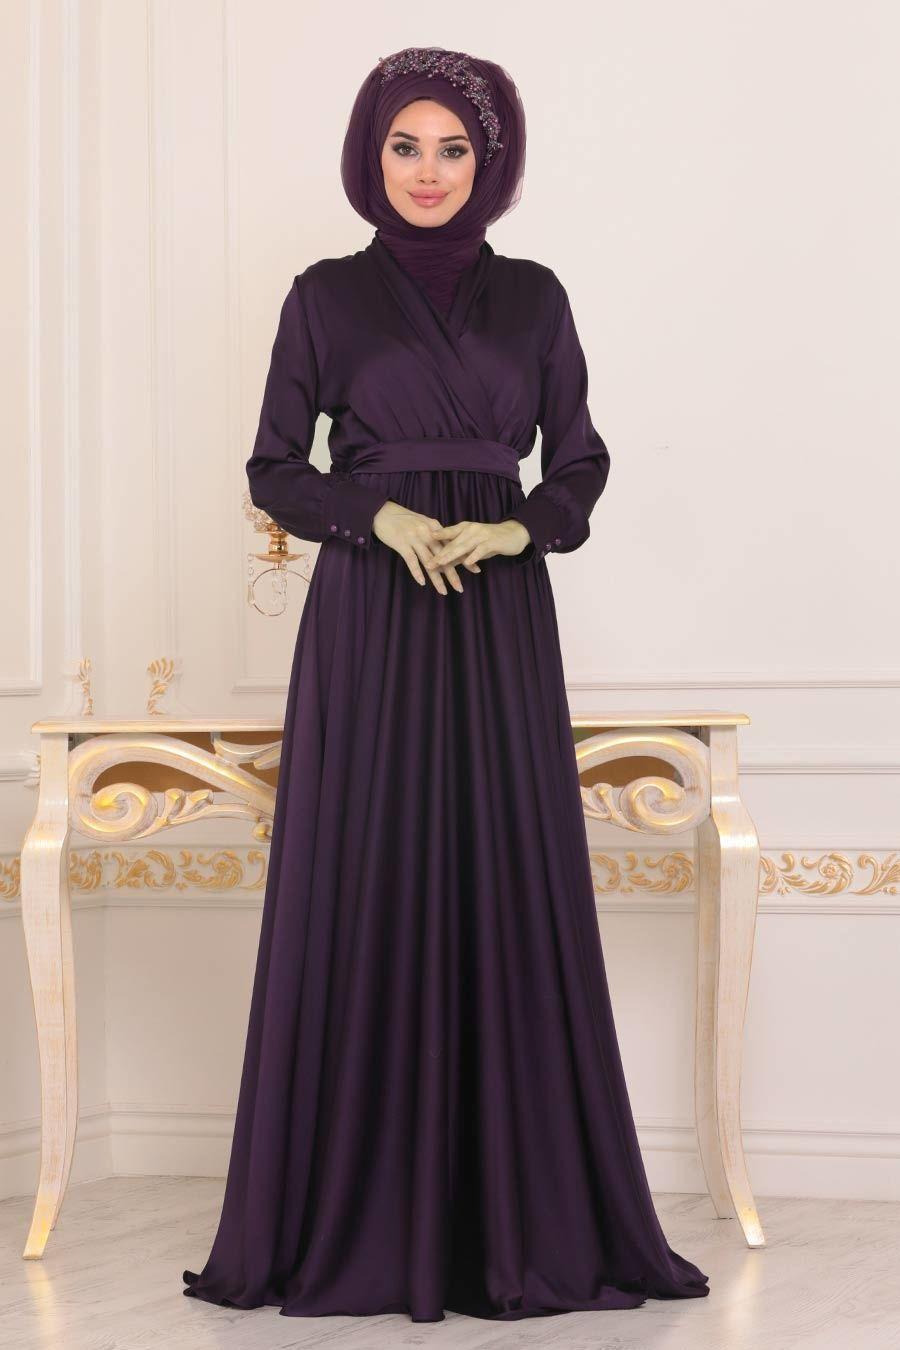 Tesetturlu Abiye Elbise V Yaka Krep Saten Mor Tesettur Abiye Elbise 1418mor Tesetturisland Com Elbise The Dress V Yaka